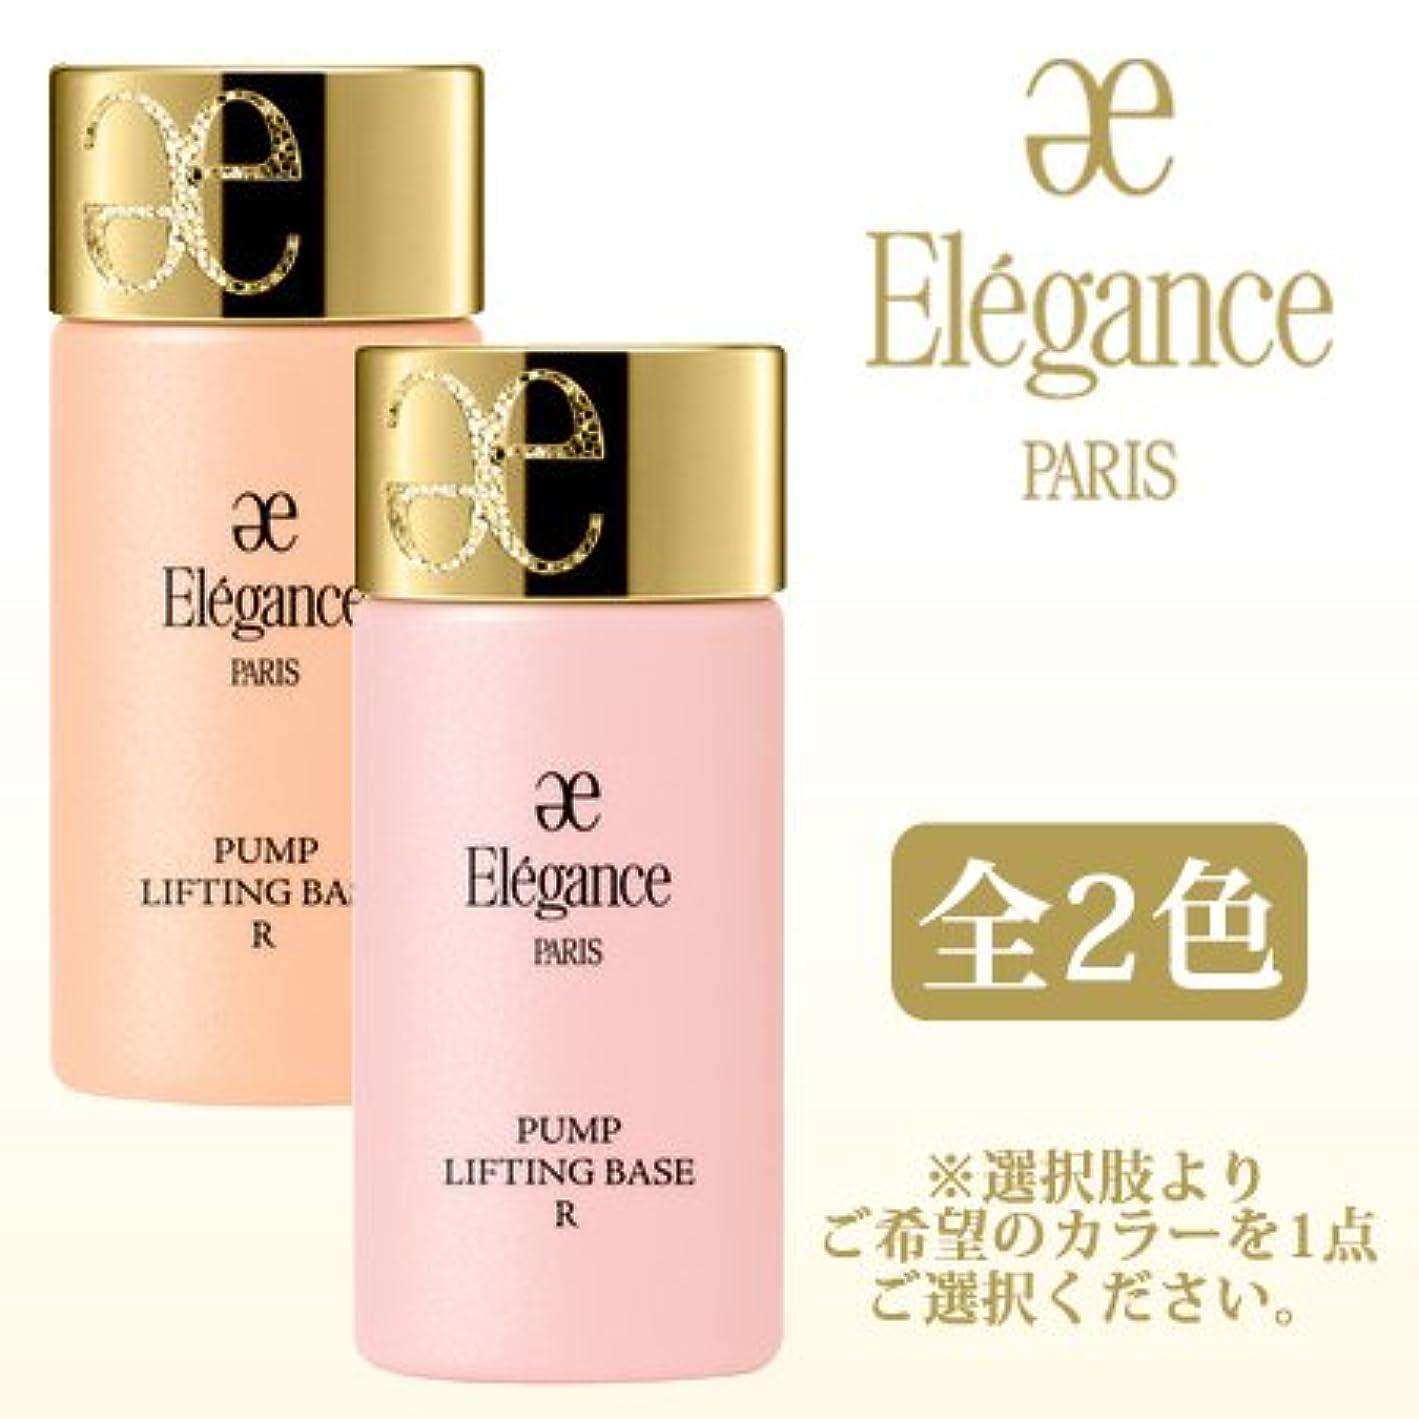 着実に選択する靴下エレガンス パンプリフティング ベース R 30ml-ELEGANCE- BE900